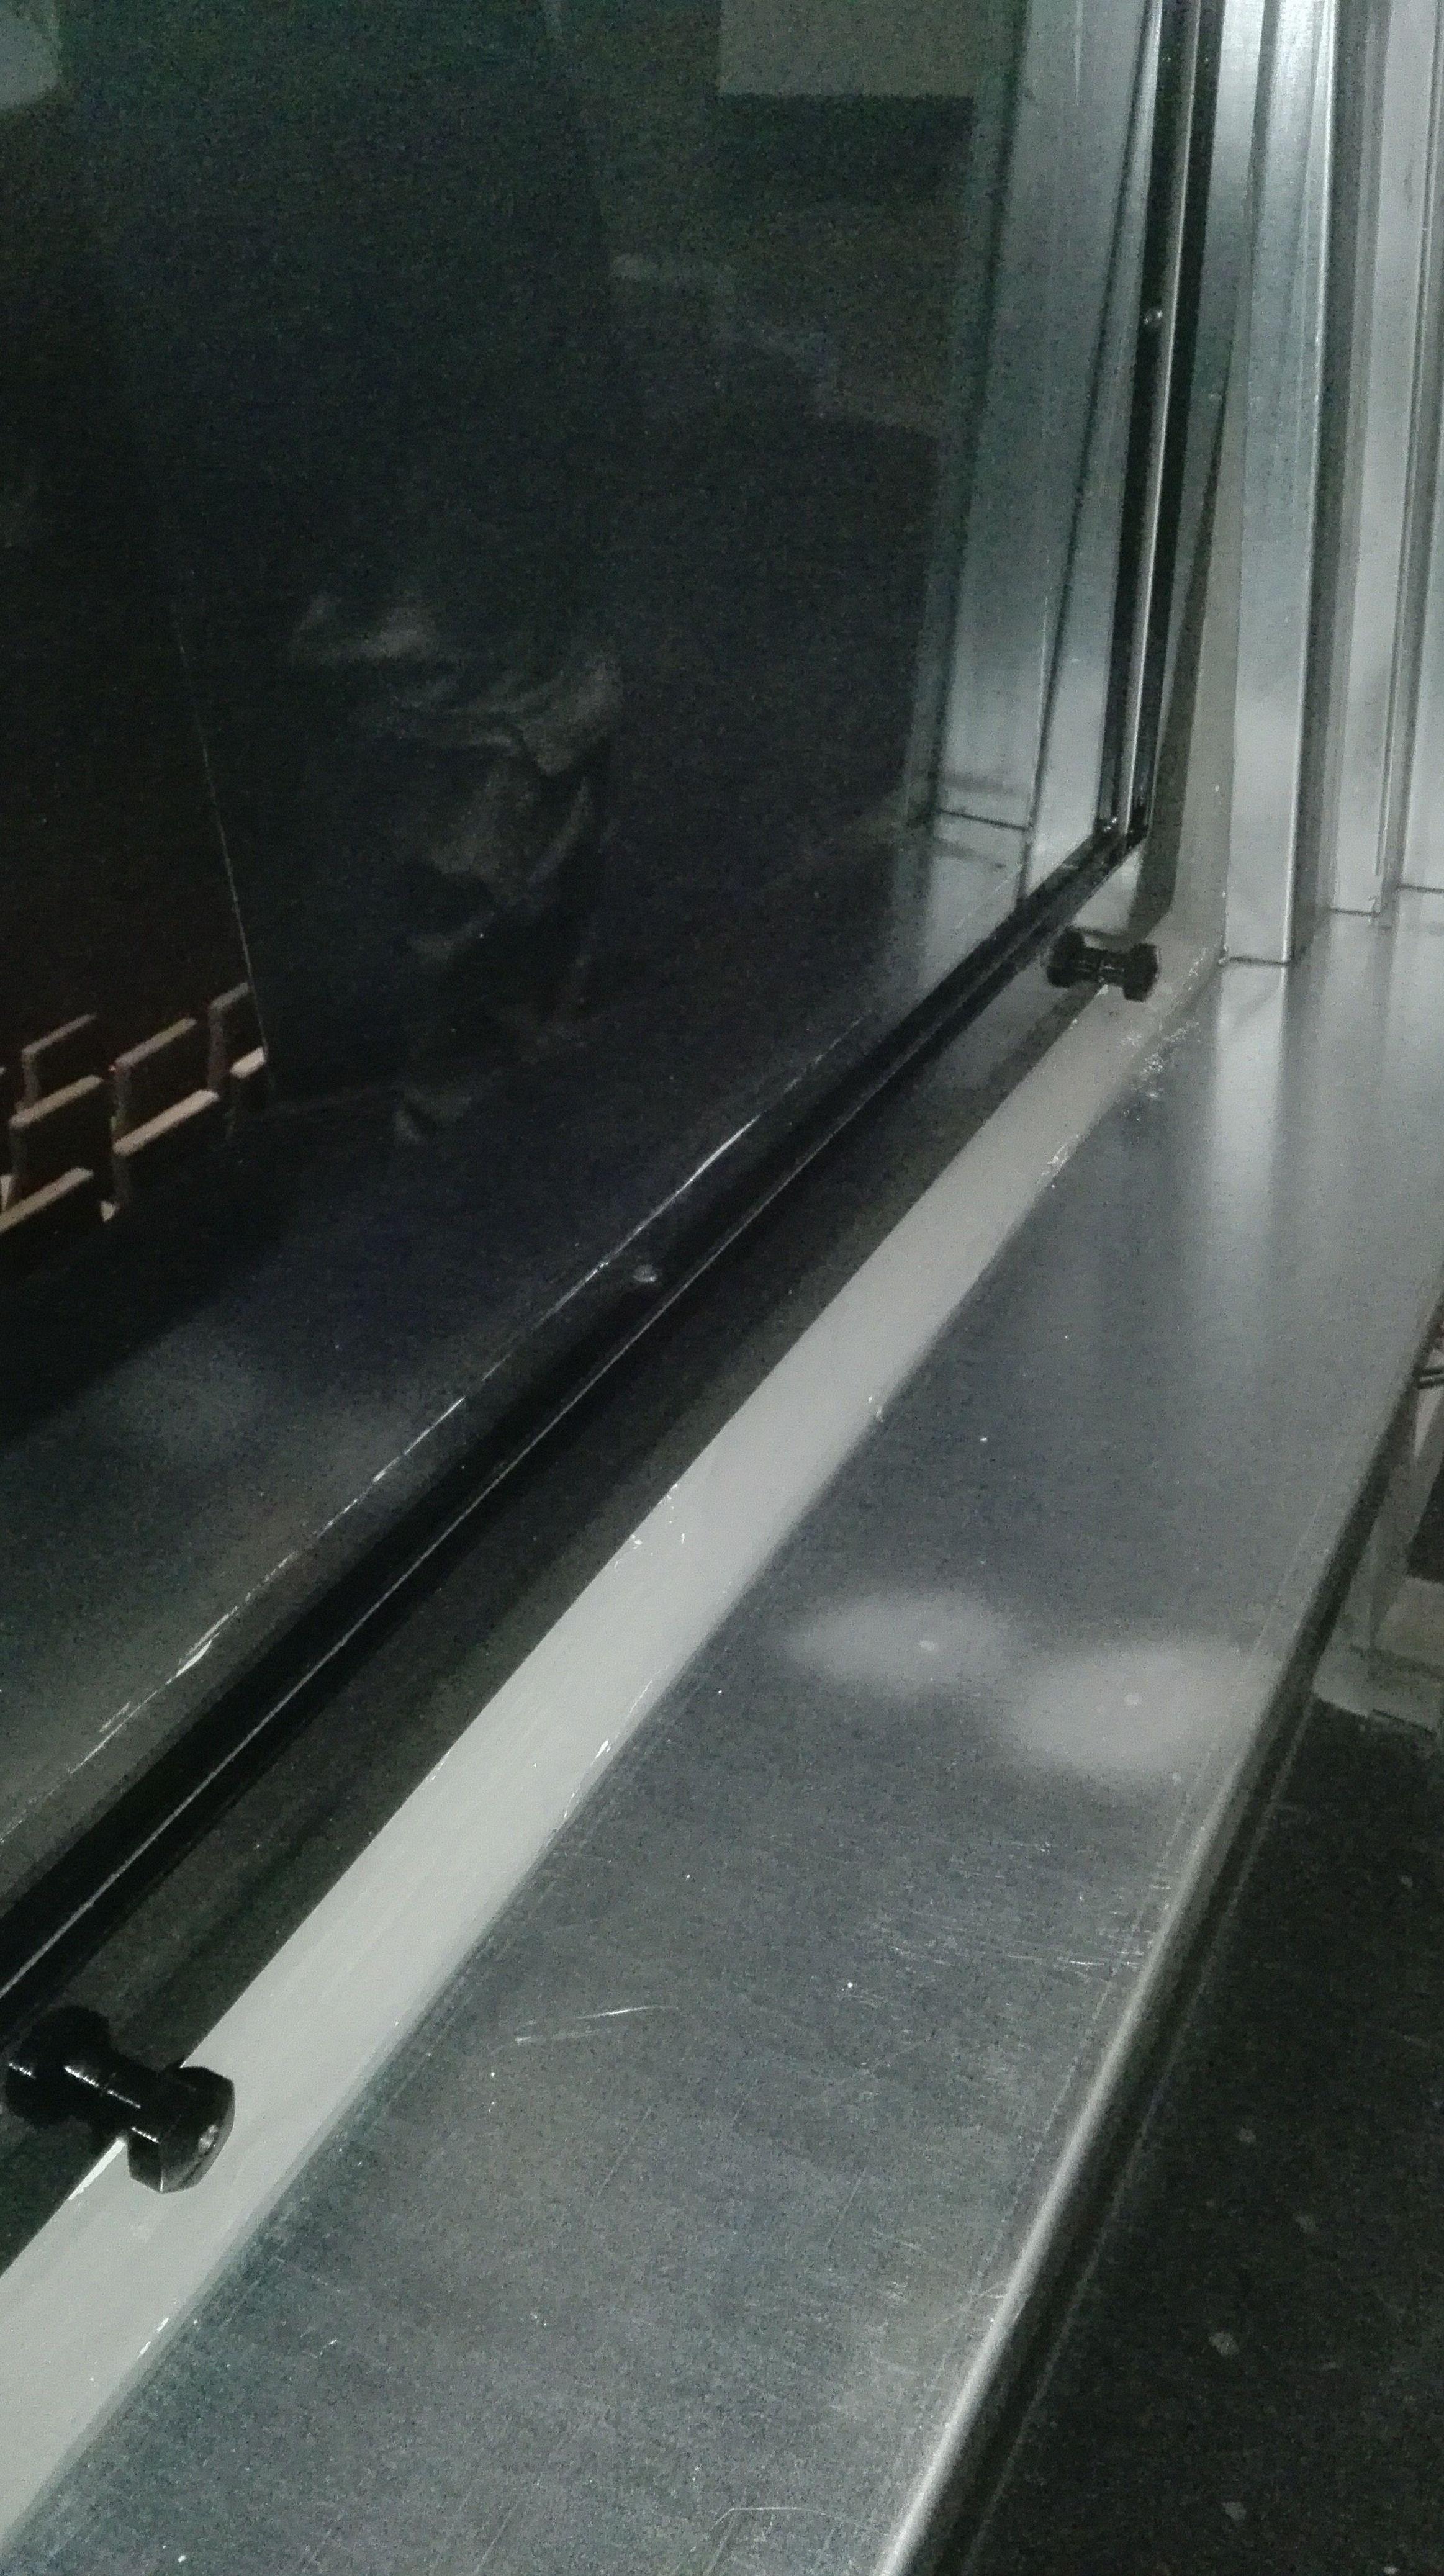 Ventana de guillotina de una hoja contra incendios cortafuegos certificada